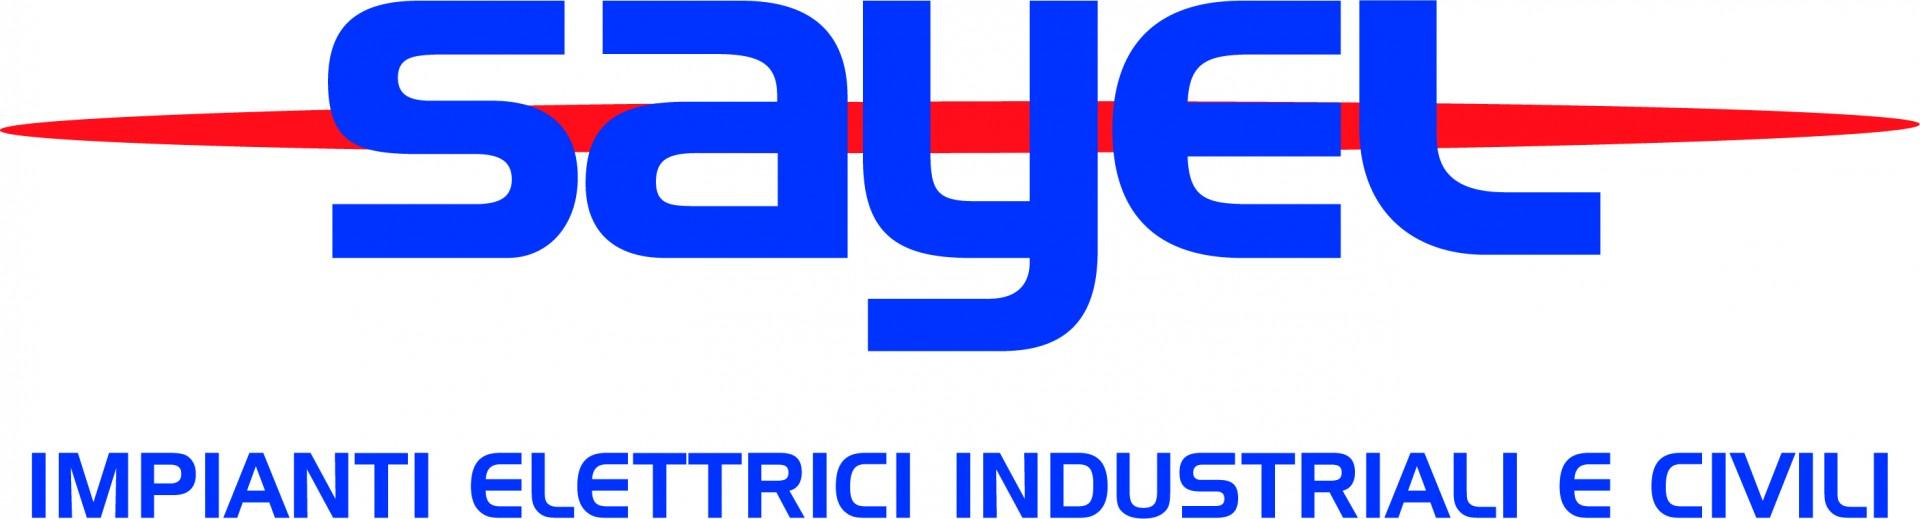 sayel-logo.jpg